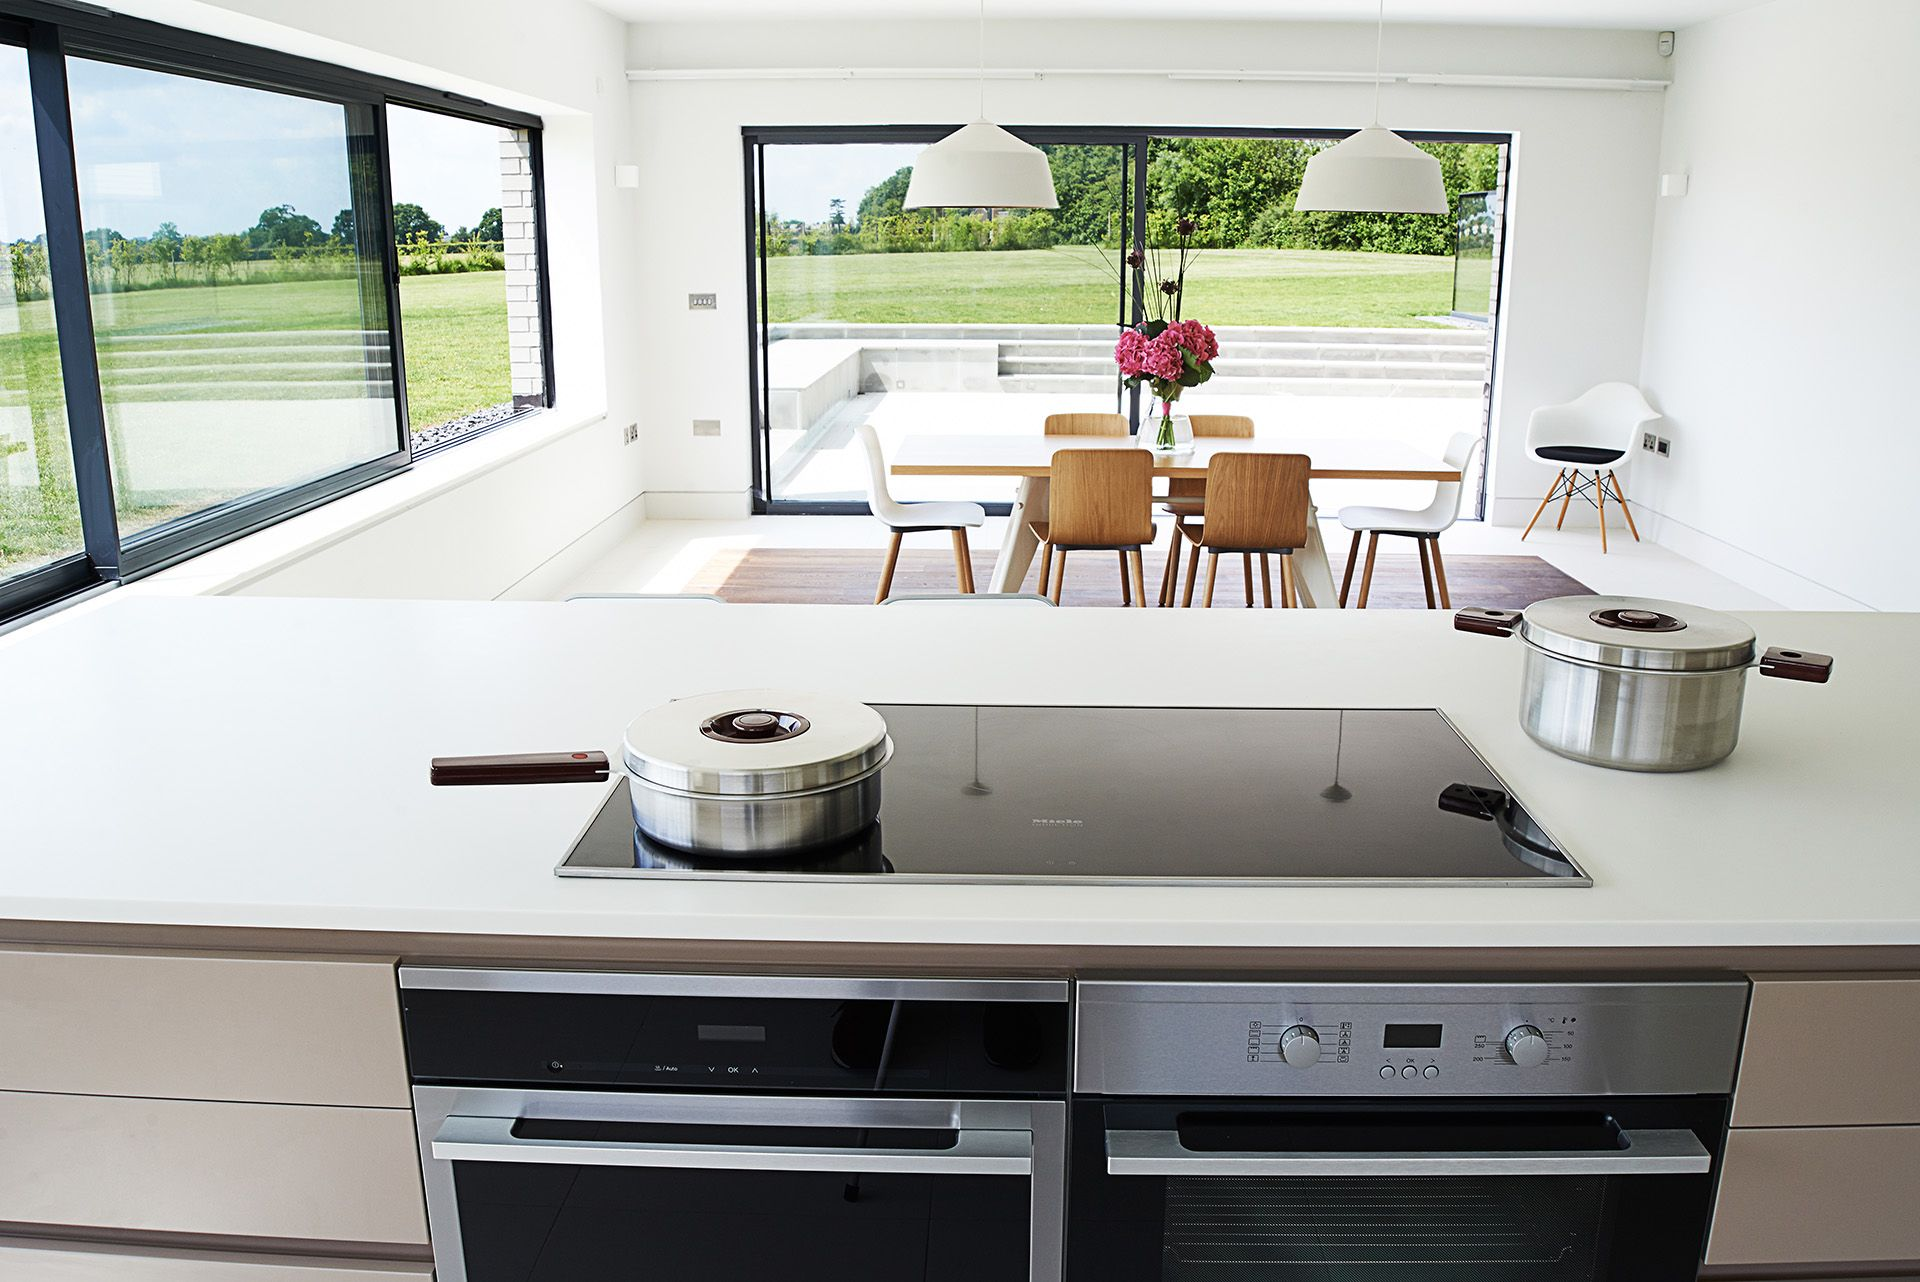 SANTOS kitchen | Cocina con isla abierta al comedor. Diseño Line-E ...